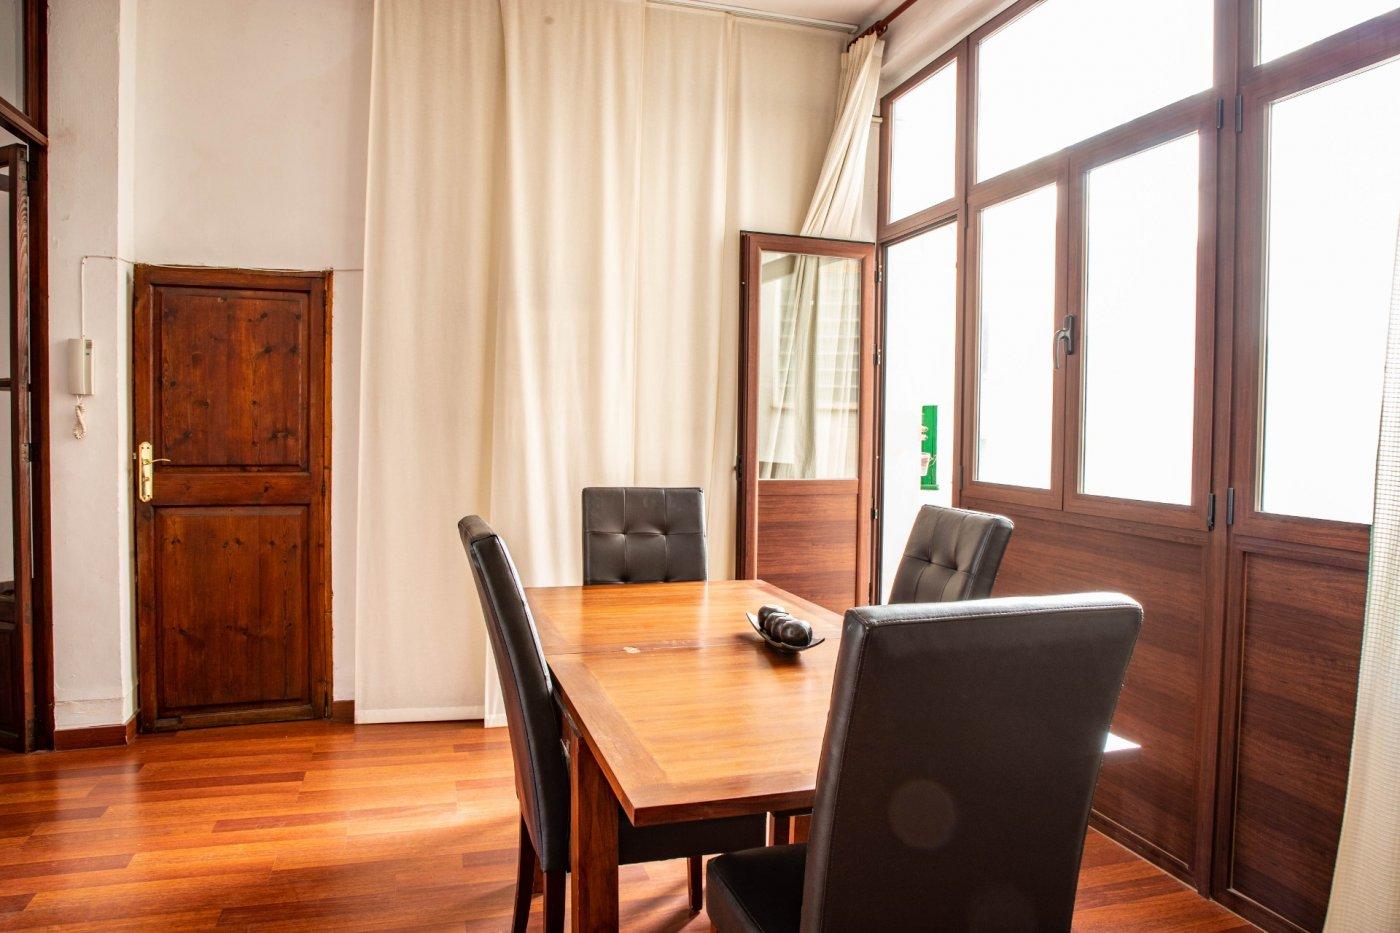 Precioso piso antiguo con mucho carácter en el centro de palma - imagenInmueble7